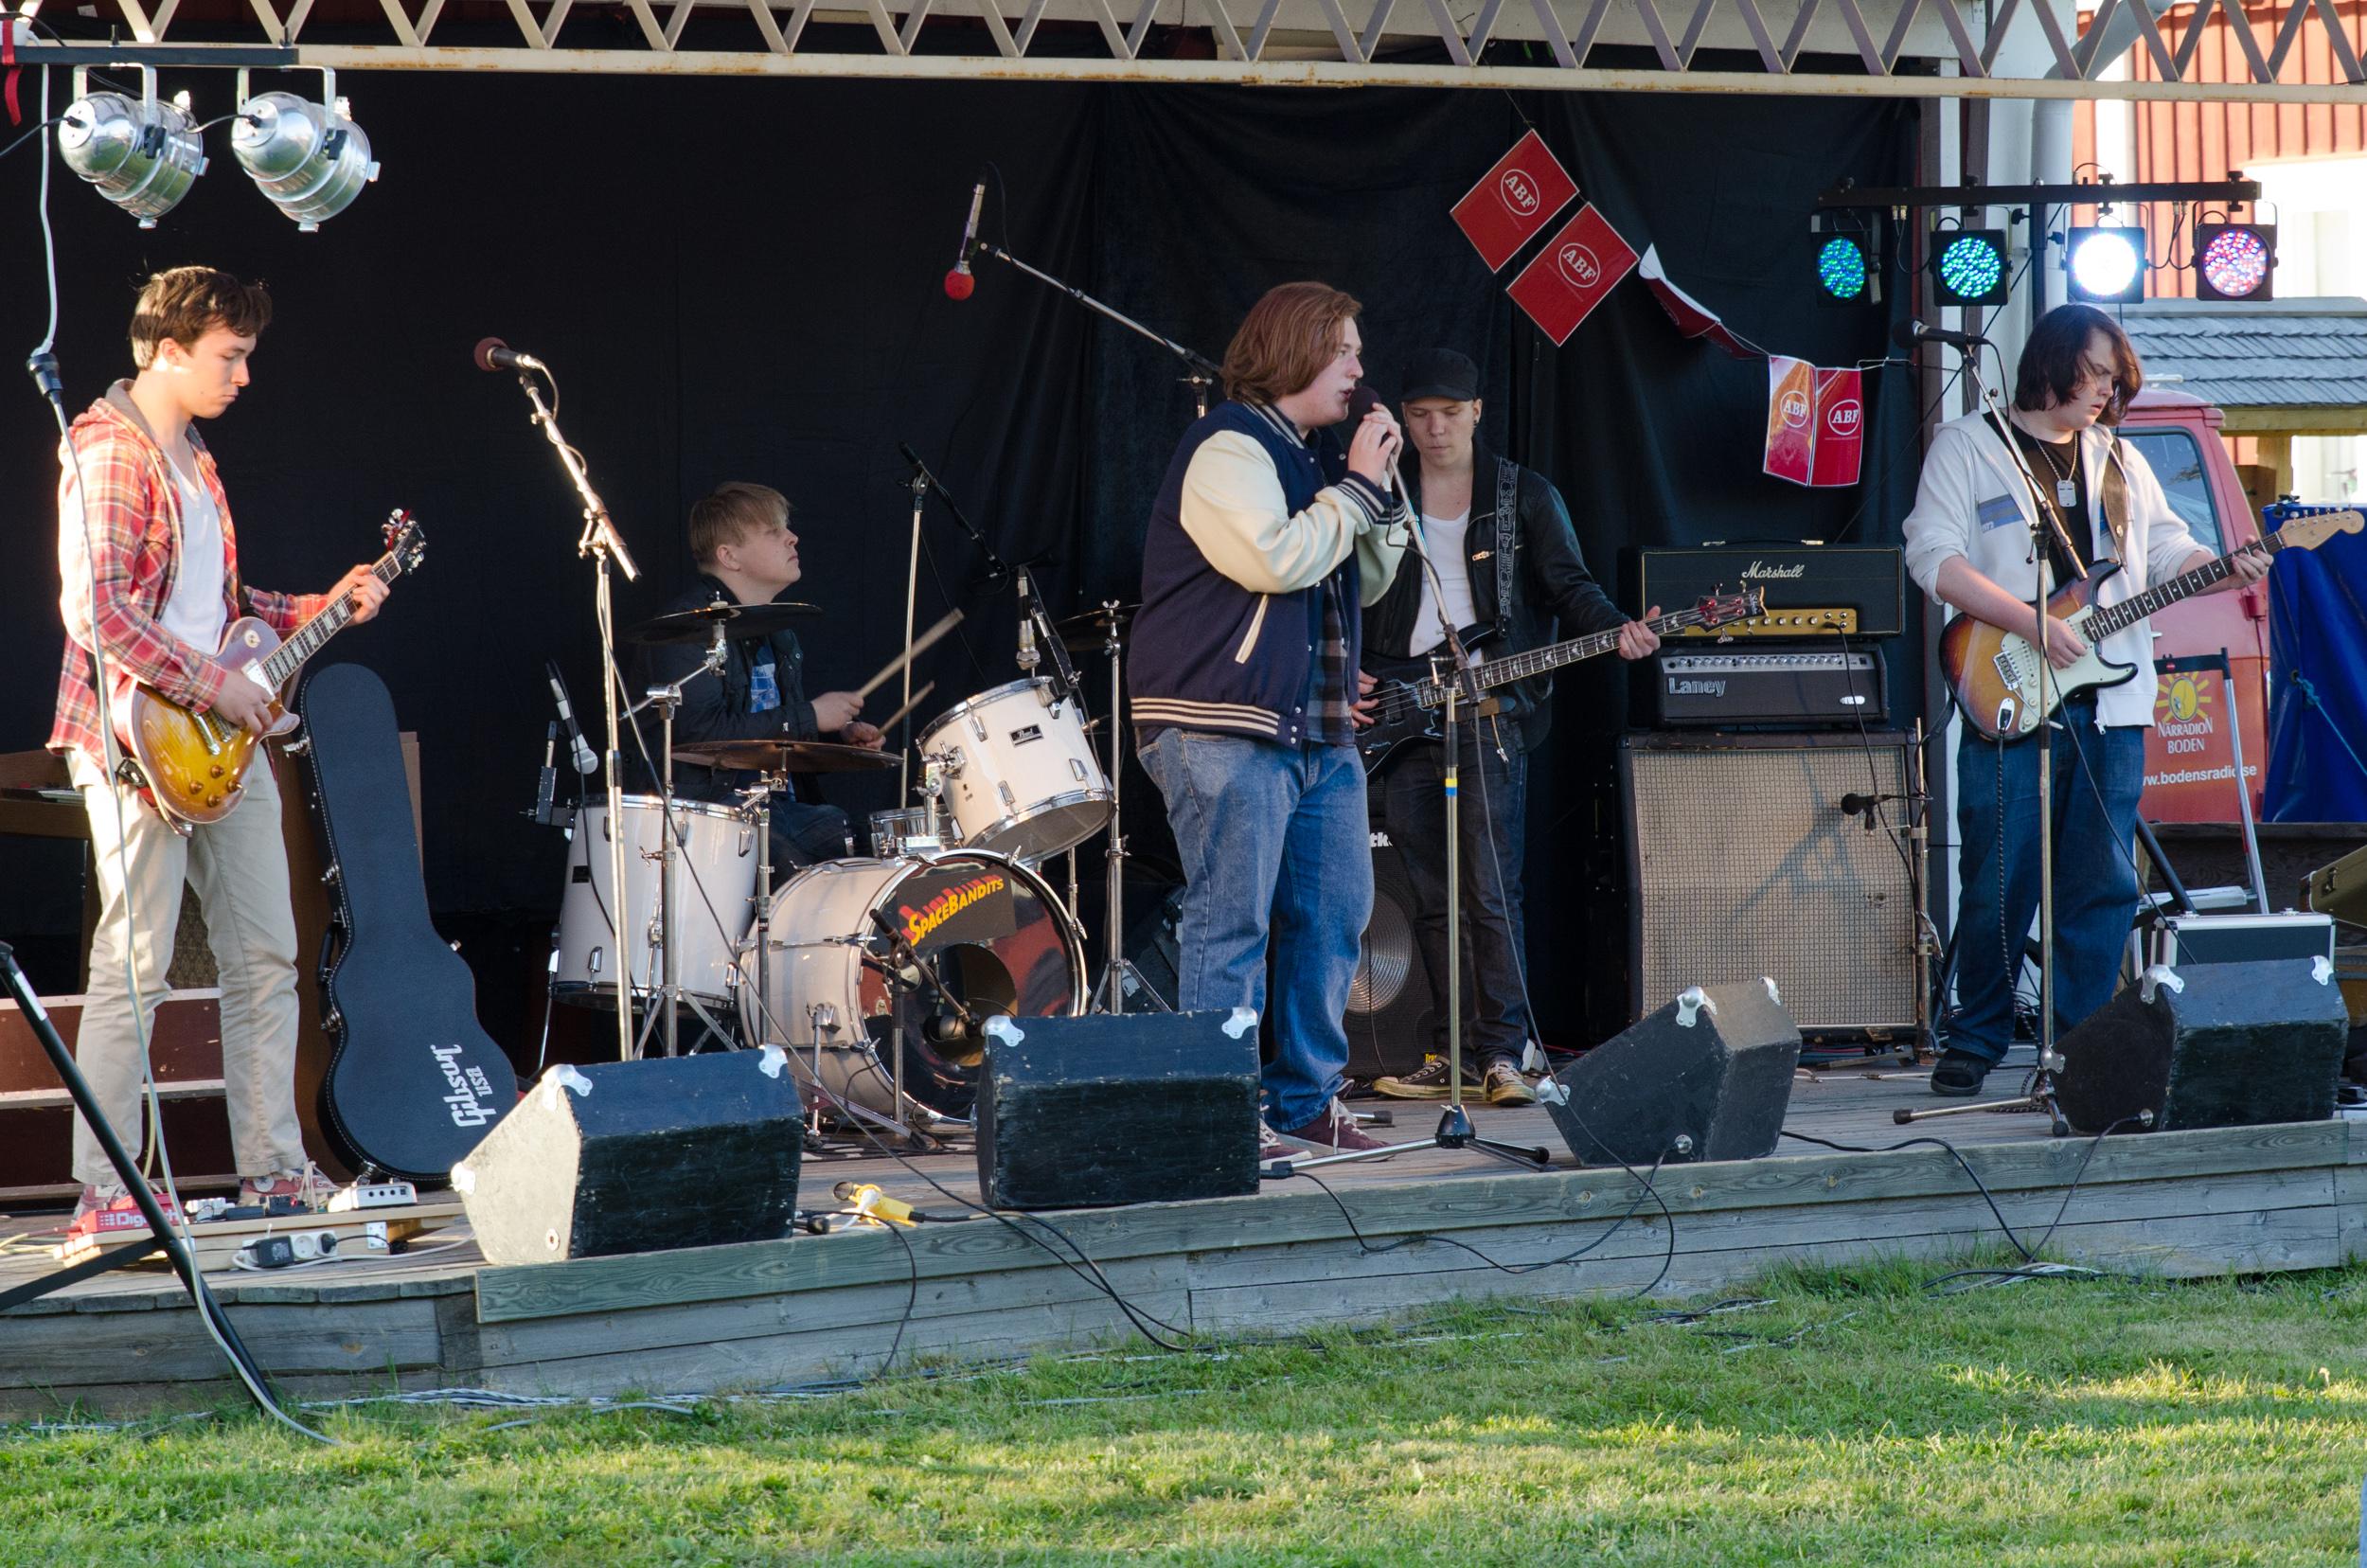 Tältet spelar på Kläppenfestivalen.